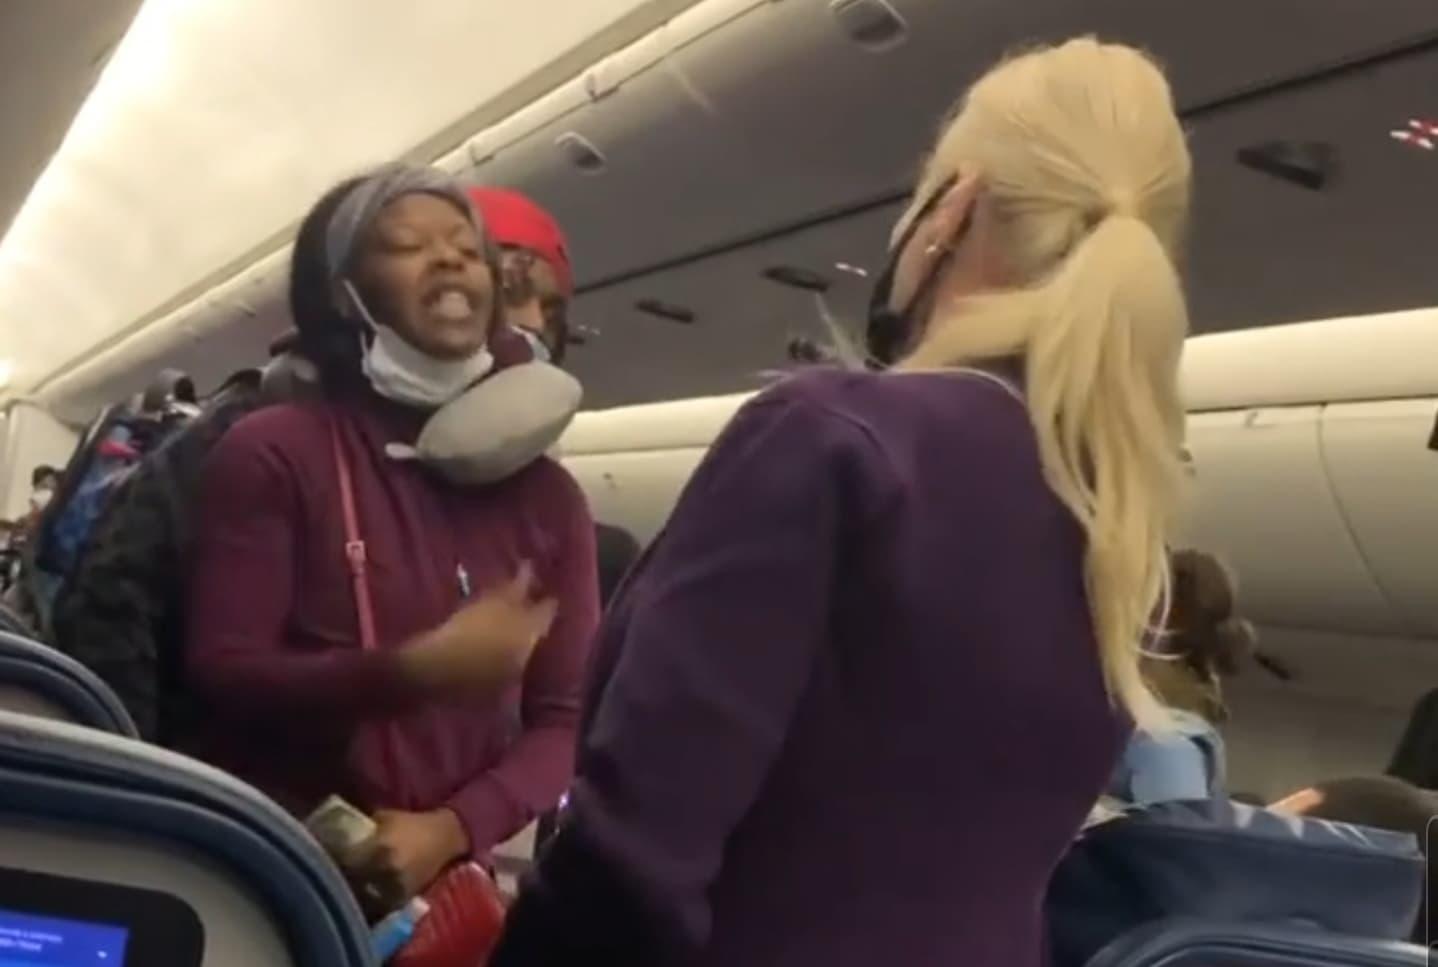 vuelo, avión, cubrebocas, azafata, agresión, video viral